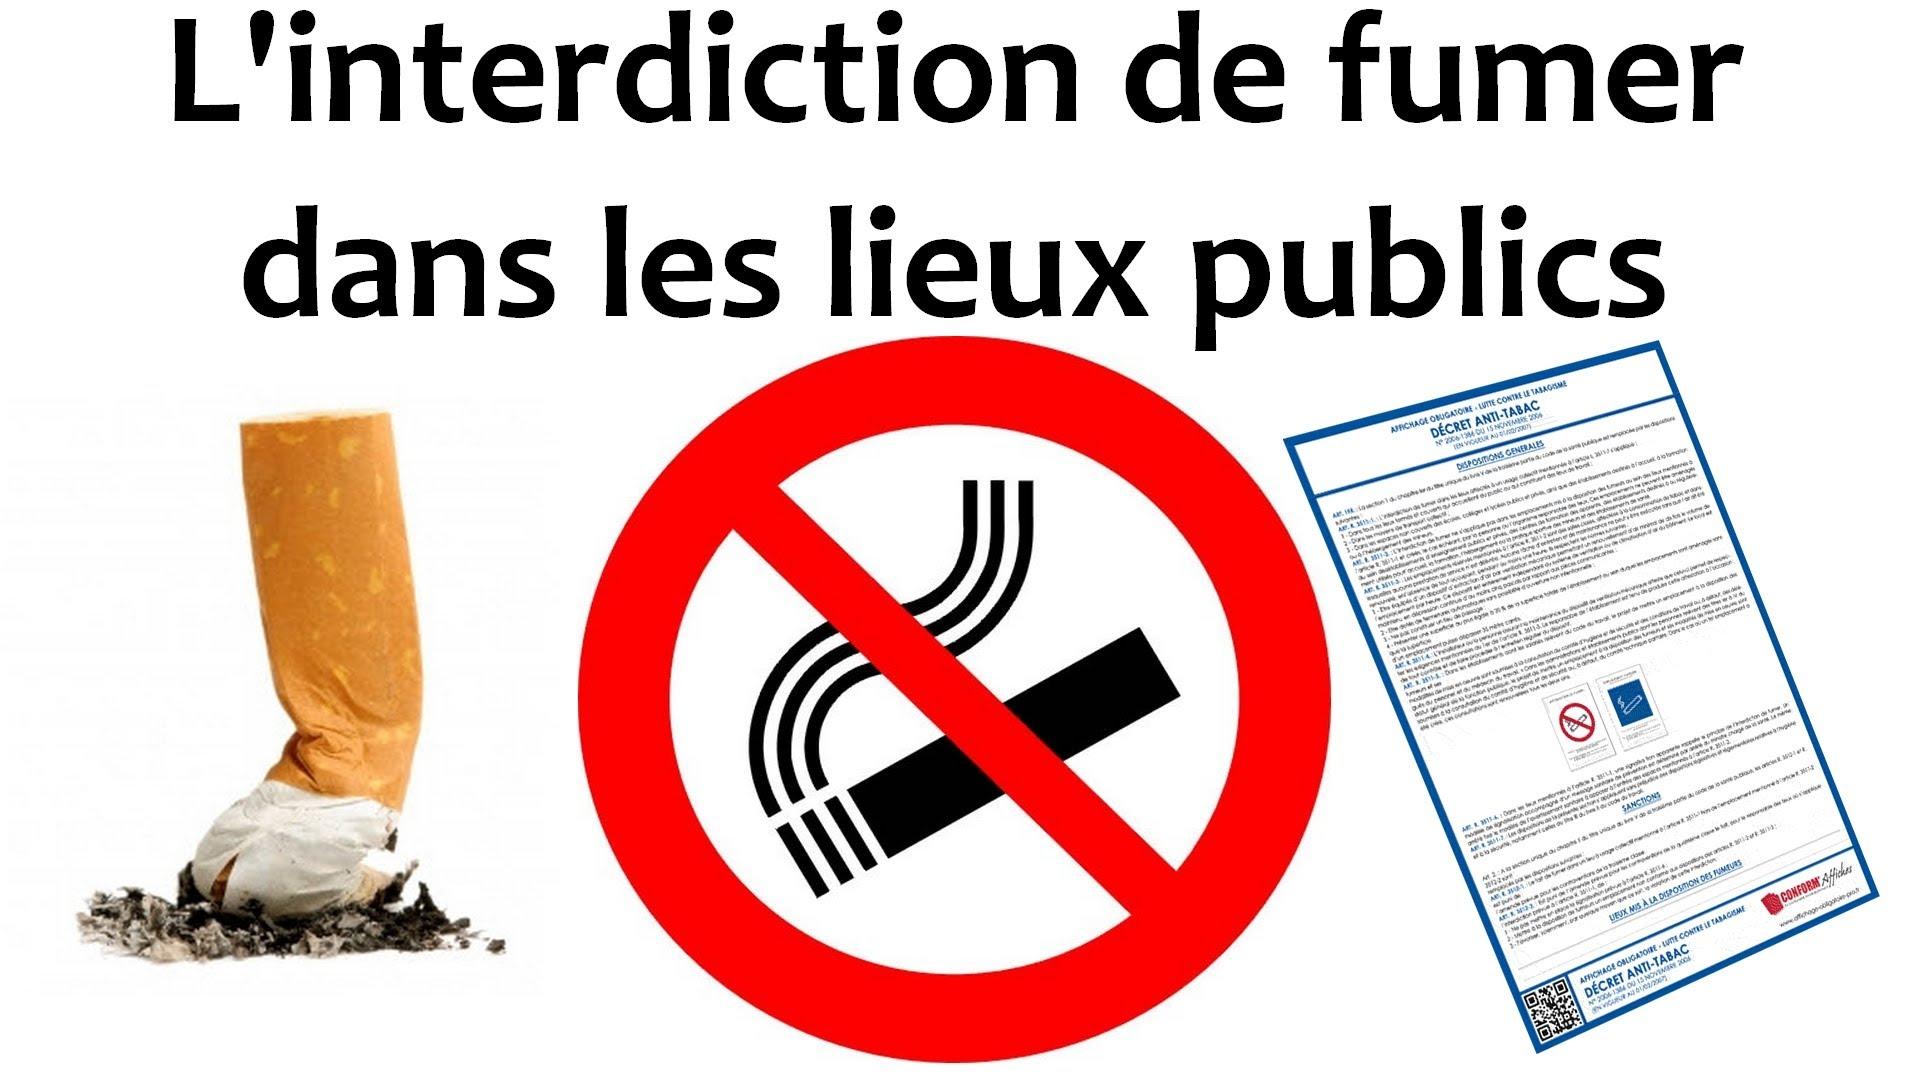 Lutte Contre Le Tabac Interdiction Formelle De Fumer D Sormais Dans